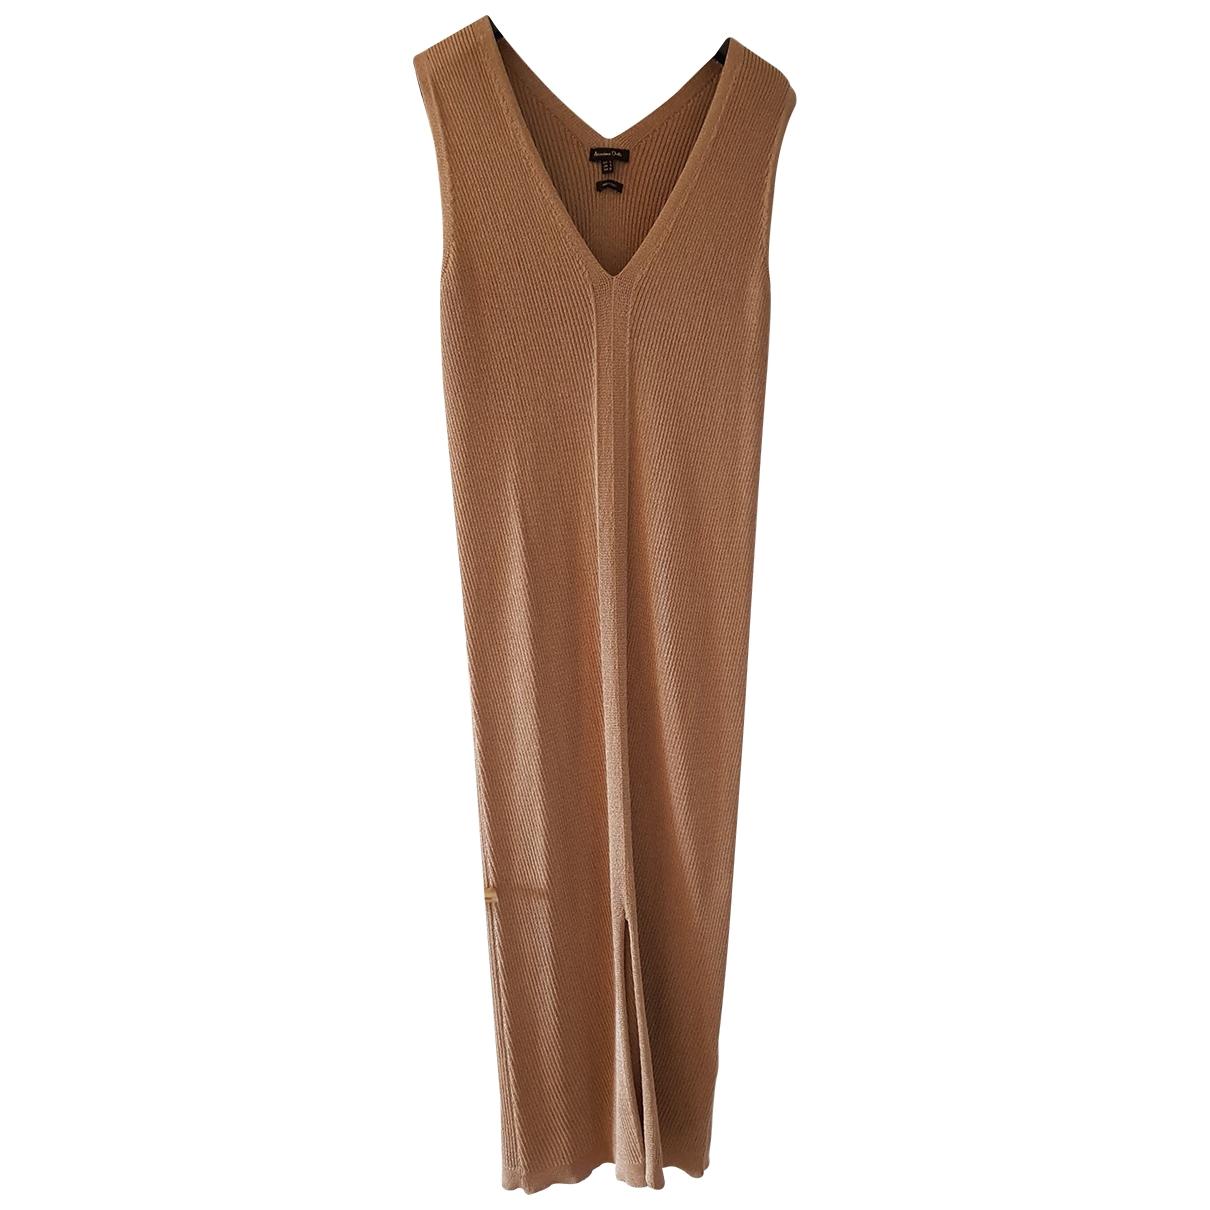 Massimo Dutti - Robe   pour femme - marron